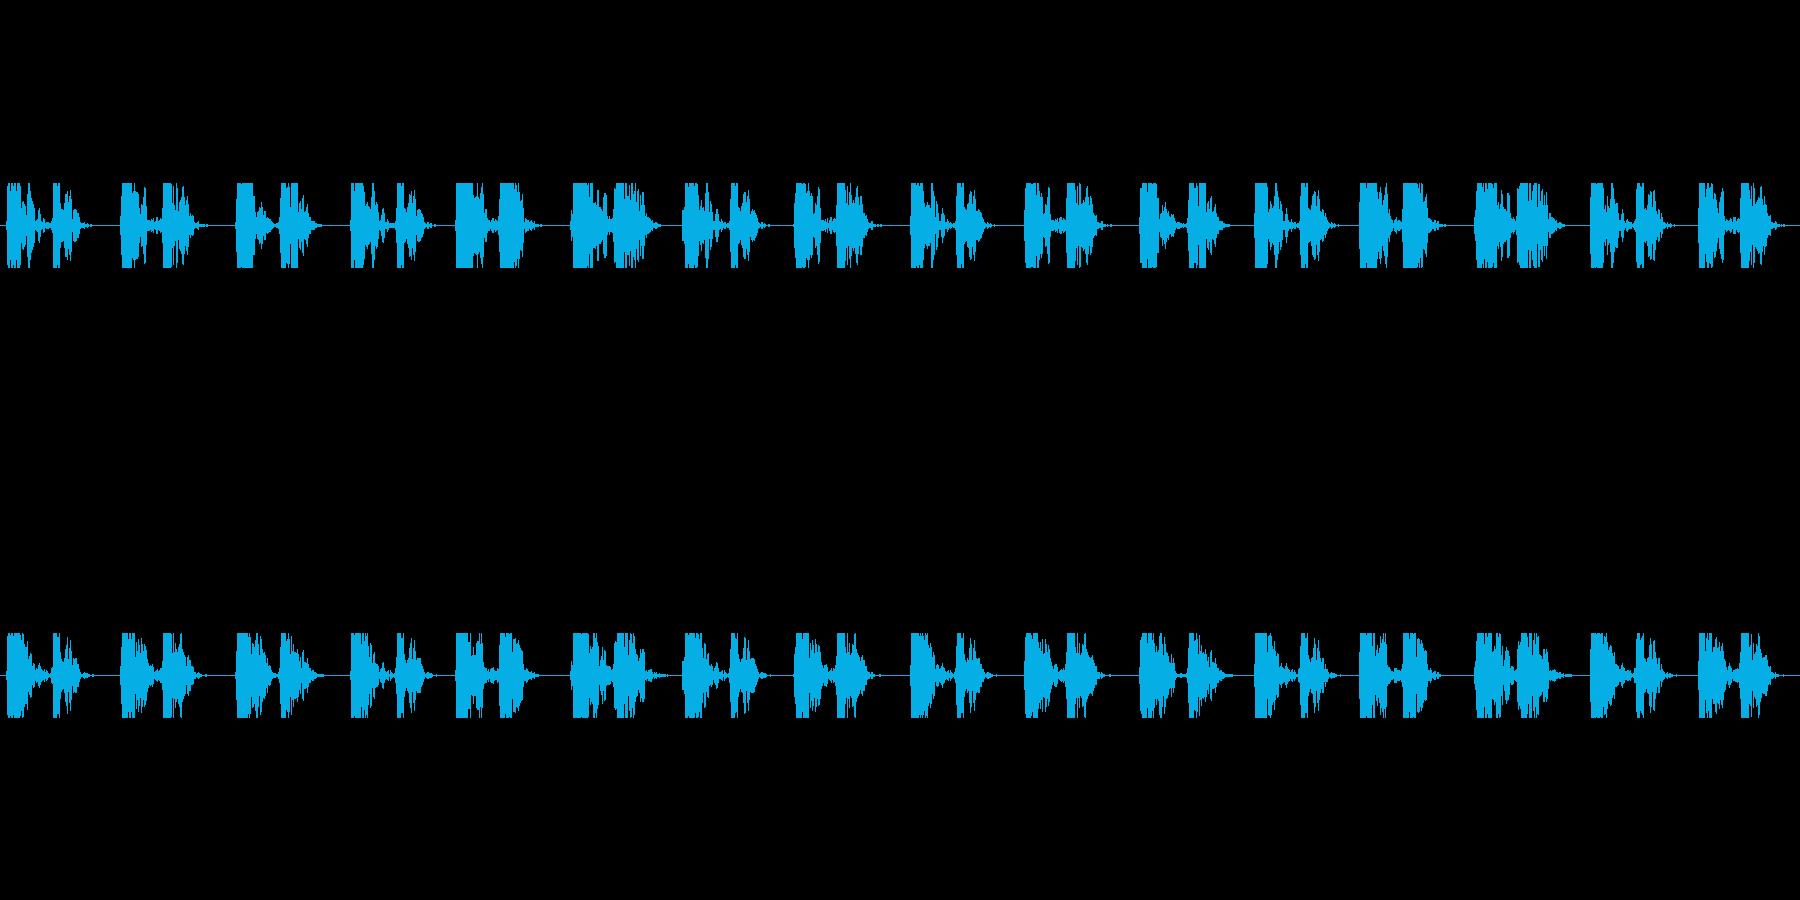 【心拍01-3L】の再生済みの波形